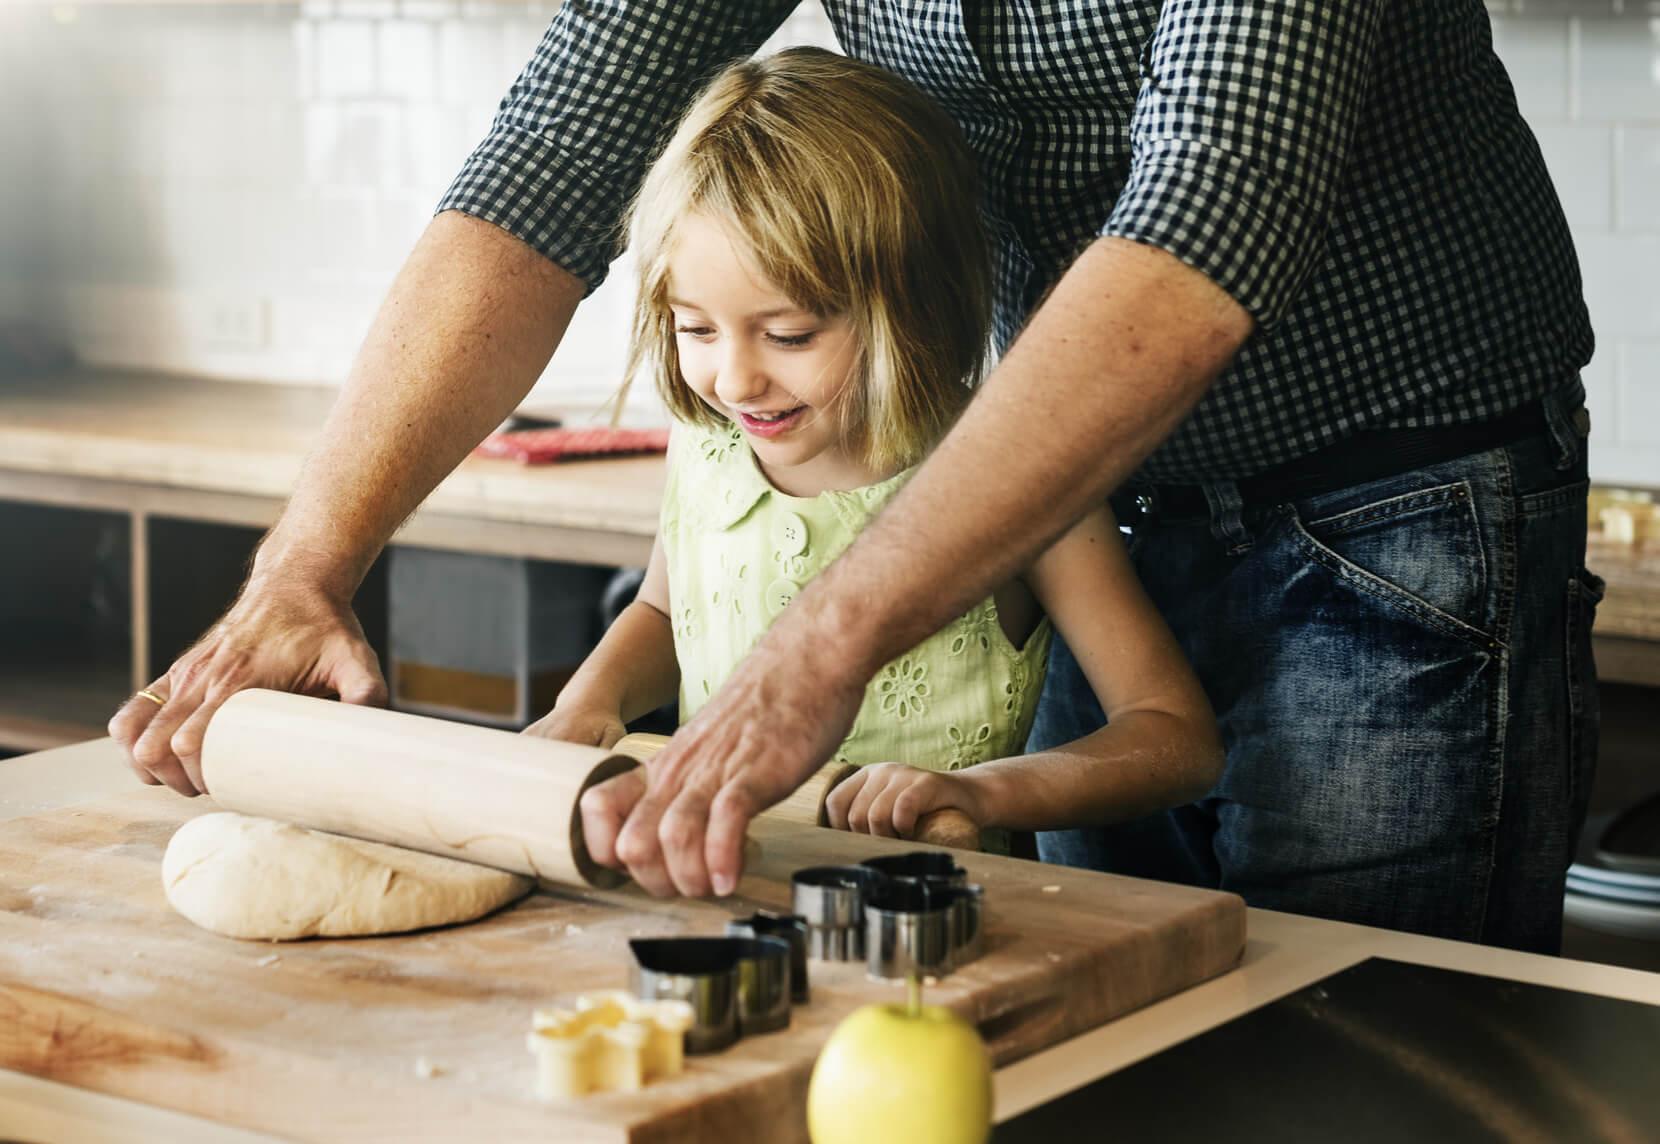 Definici n de casero comida remedio concepto en for Definicion de gastronomia